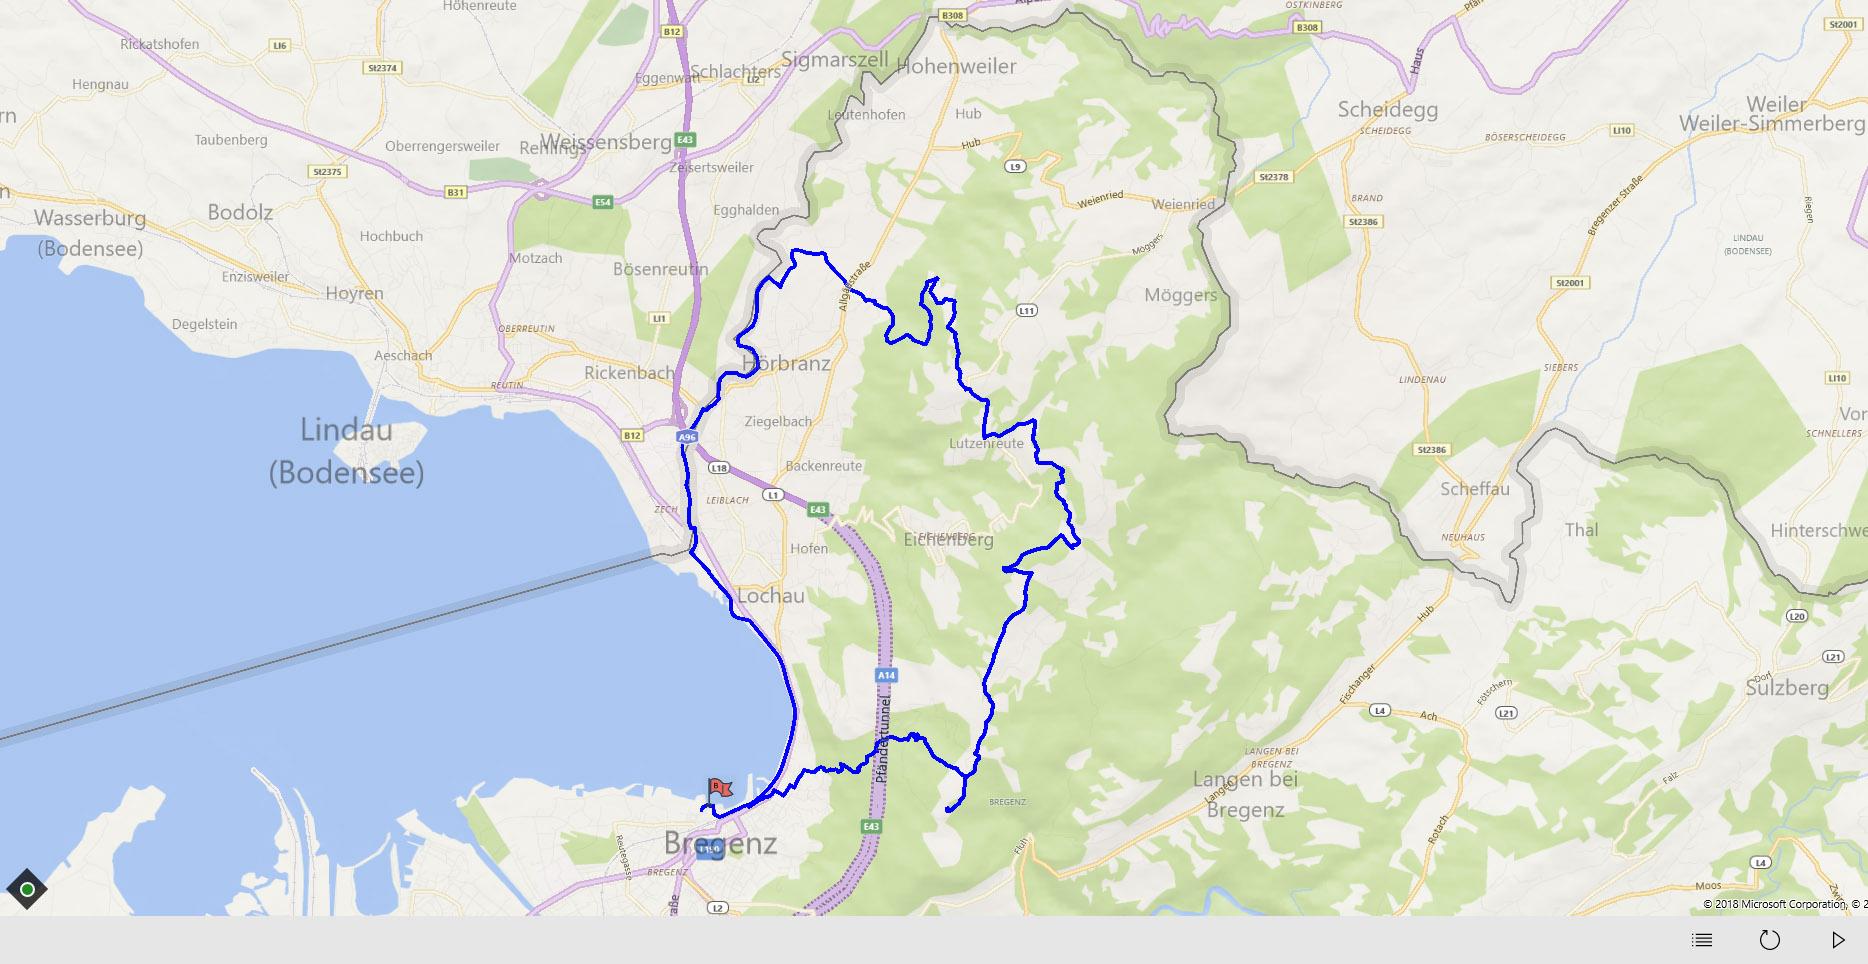 Streckenverlauf Andreute Pfänder Tour